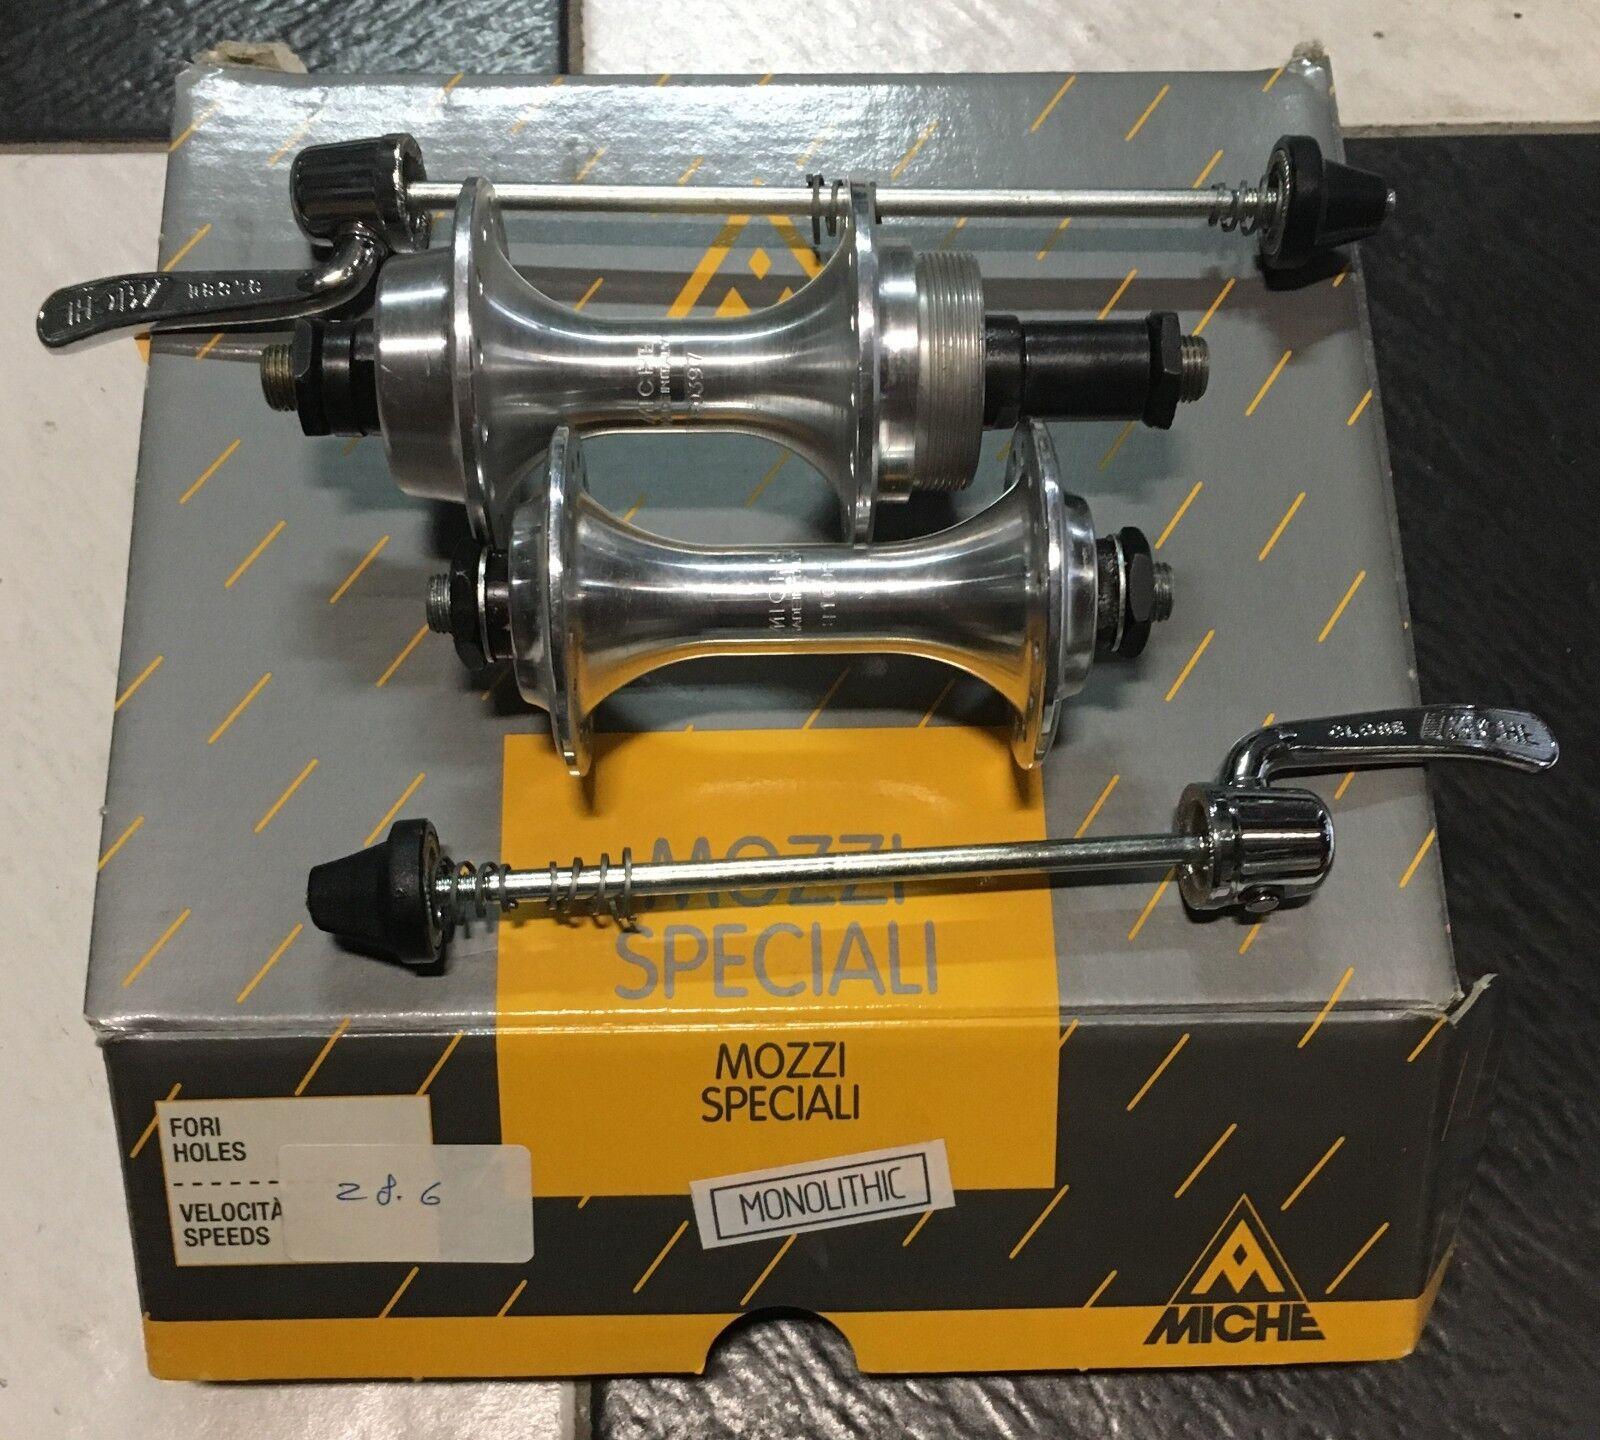 Mozzi bici ant-post filettato Miche Monolitich 28h front rear threaded hub bike